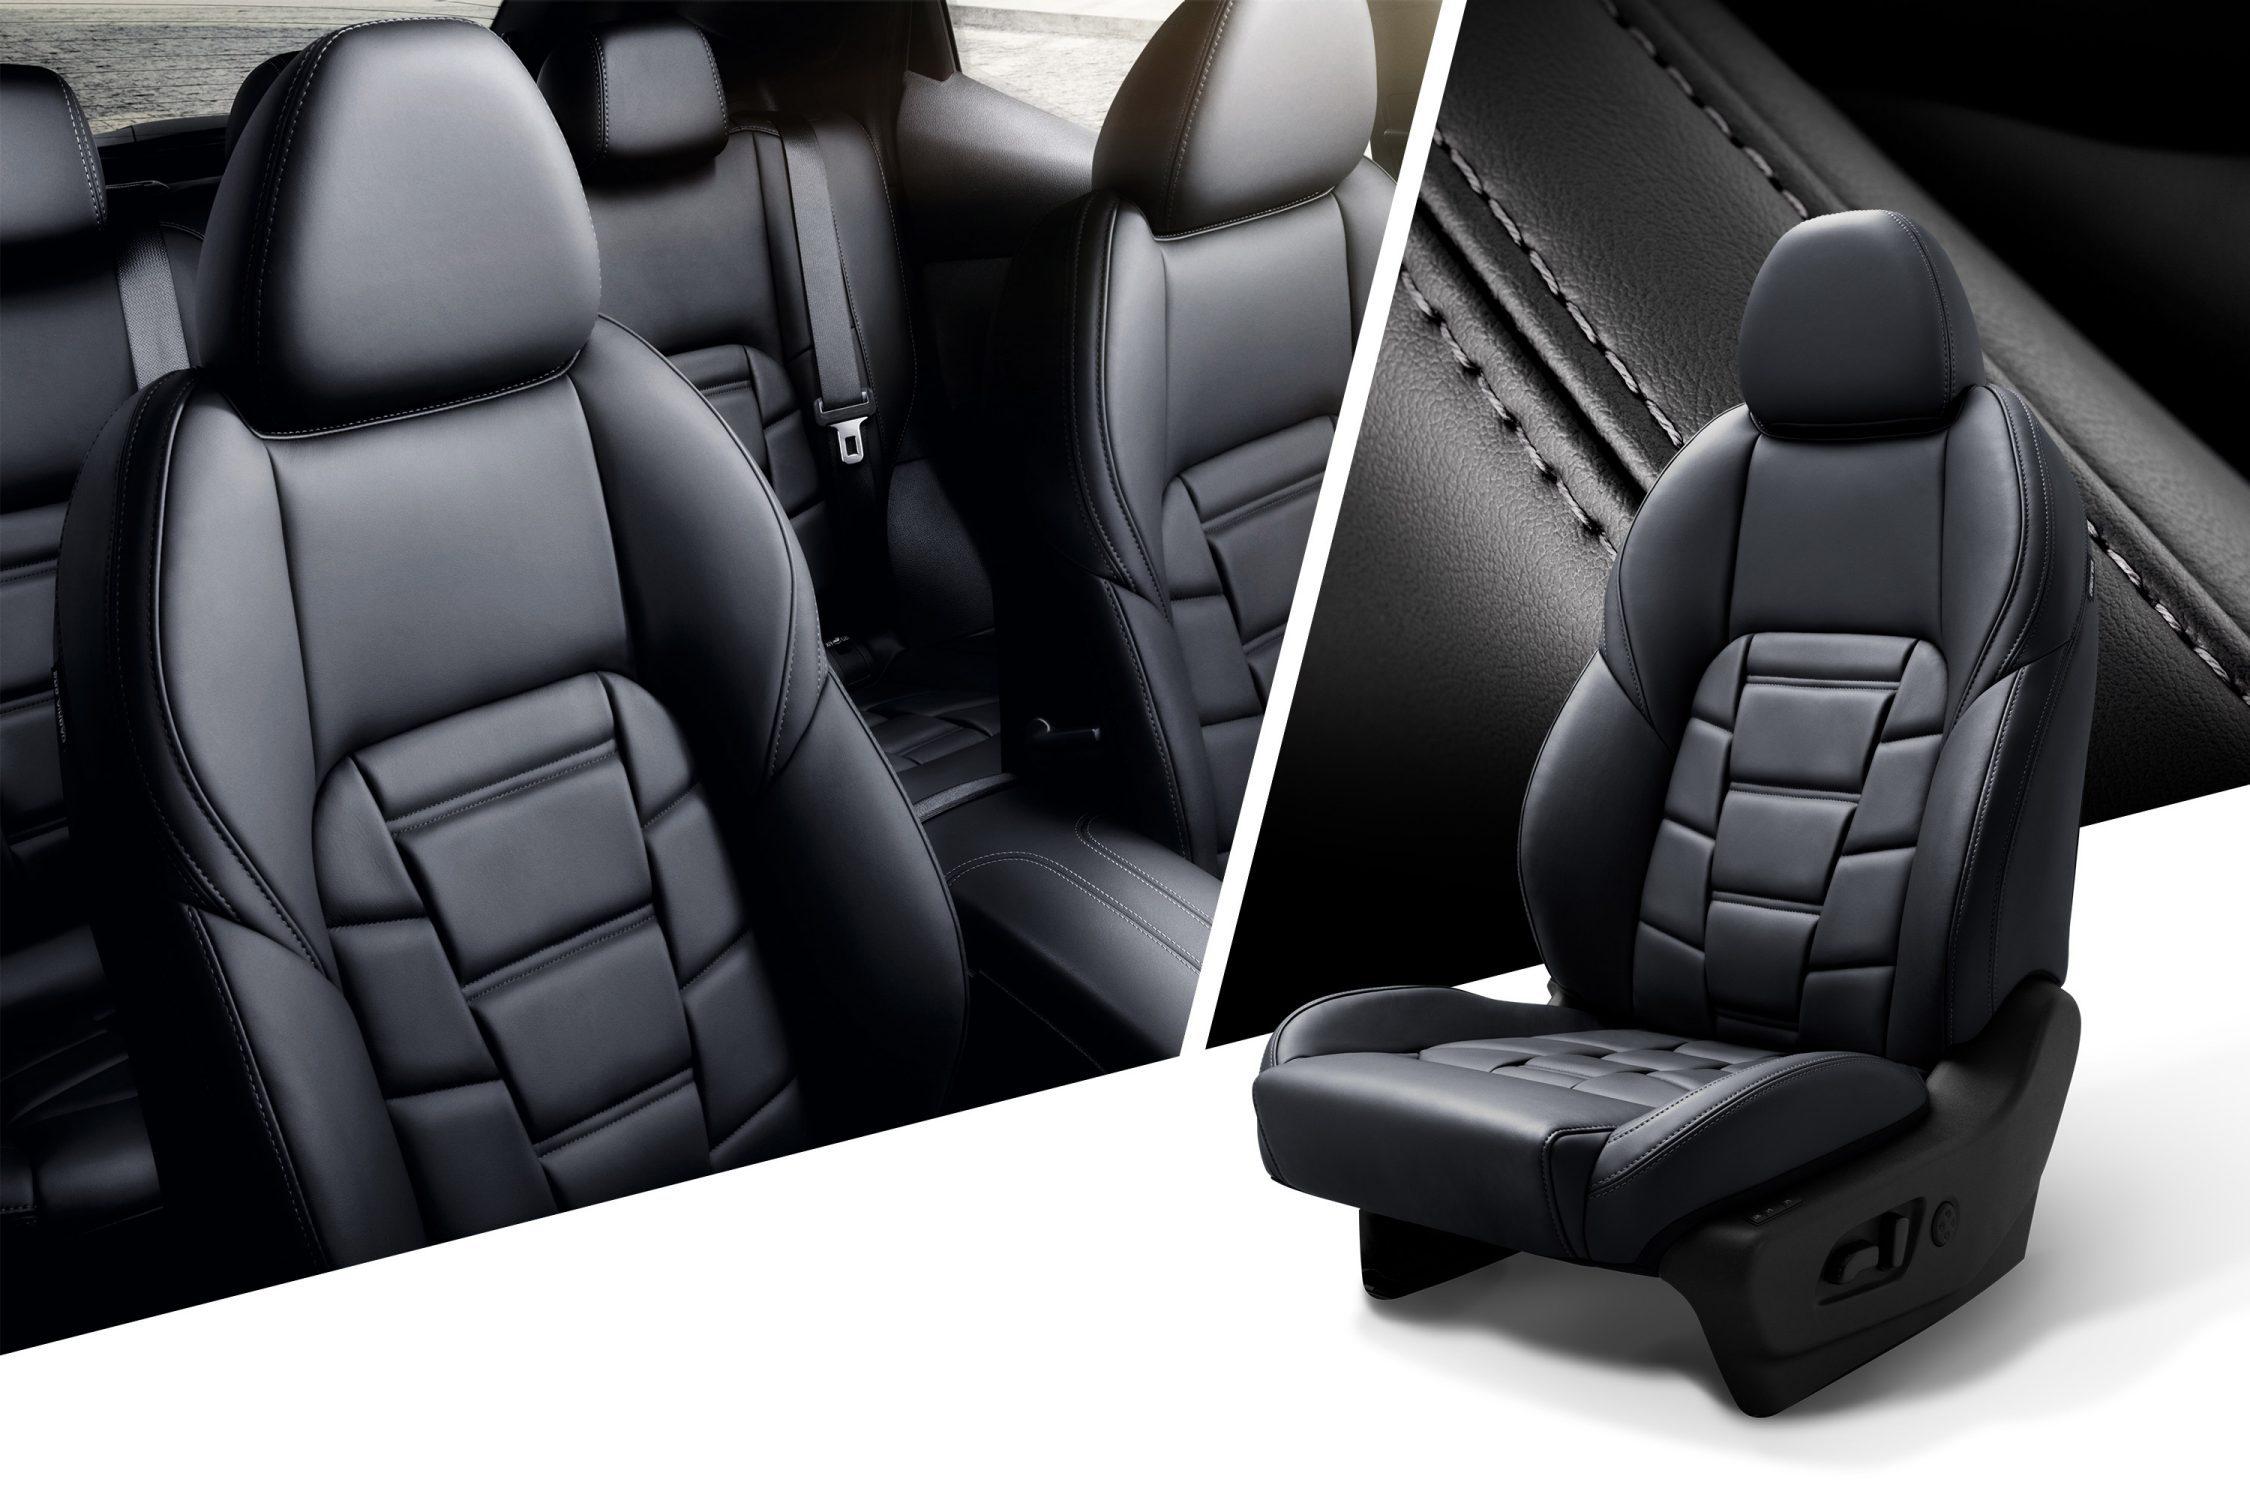 Nissan QASHQAI, коллаж с изображением сидений, отделки и сидений крупным планом